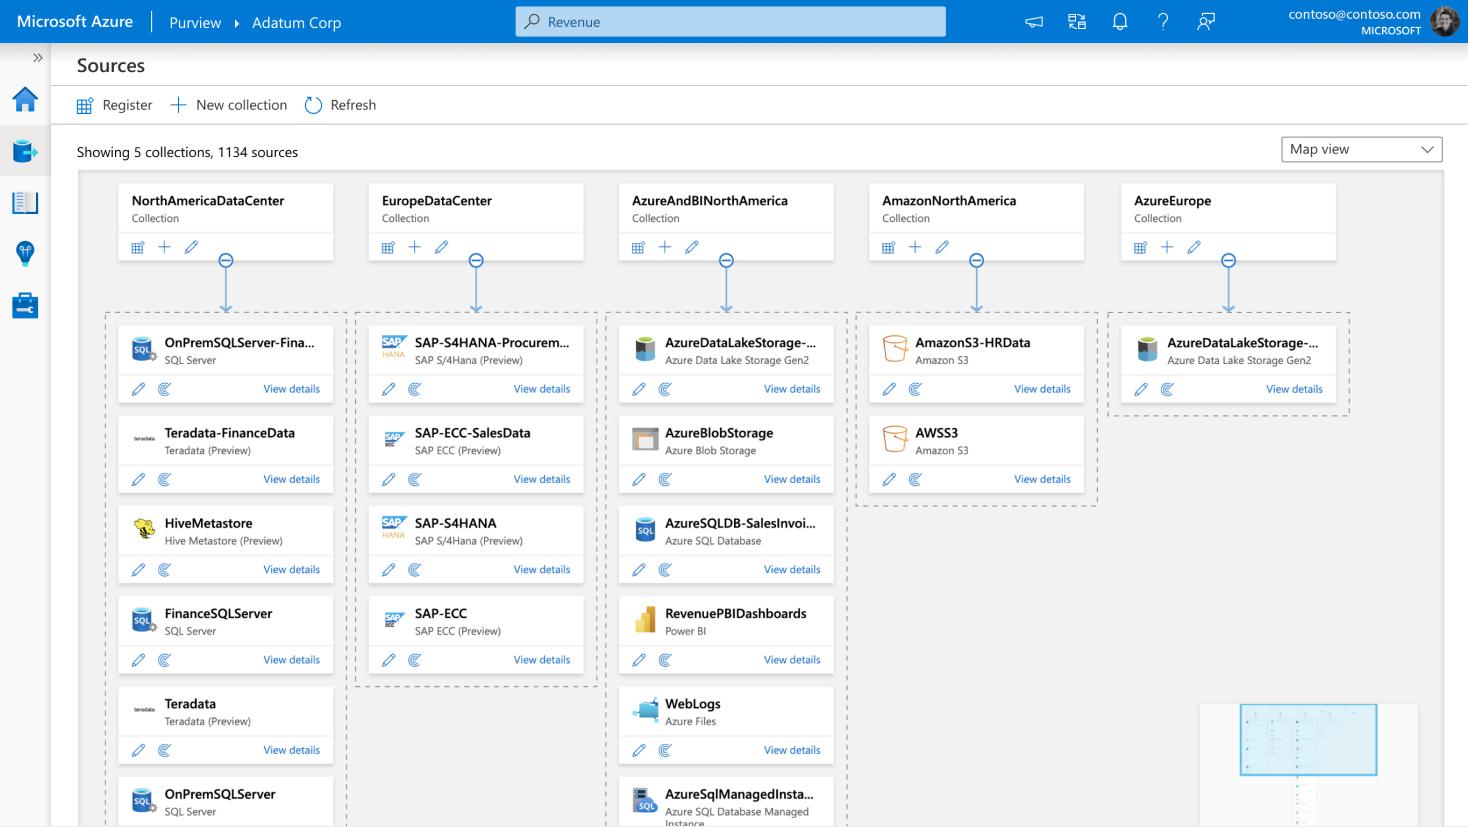 Gobierno del Dato con Microsoft Azure Purview: Manual y caso de uso